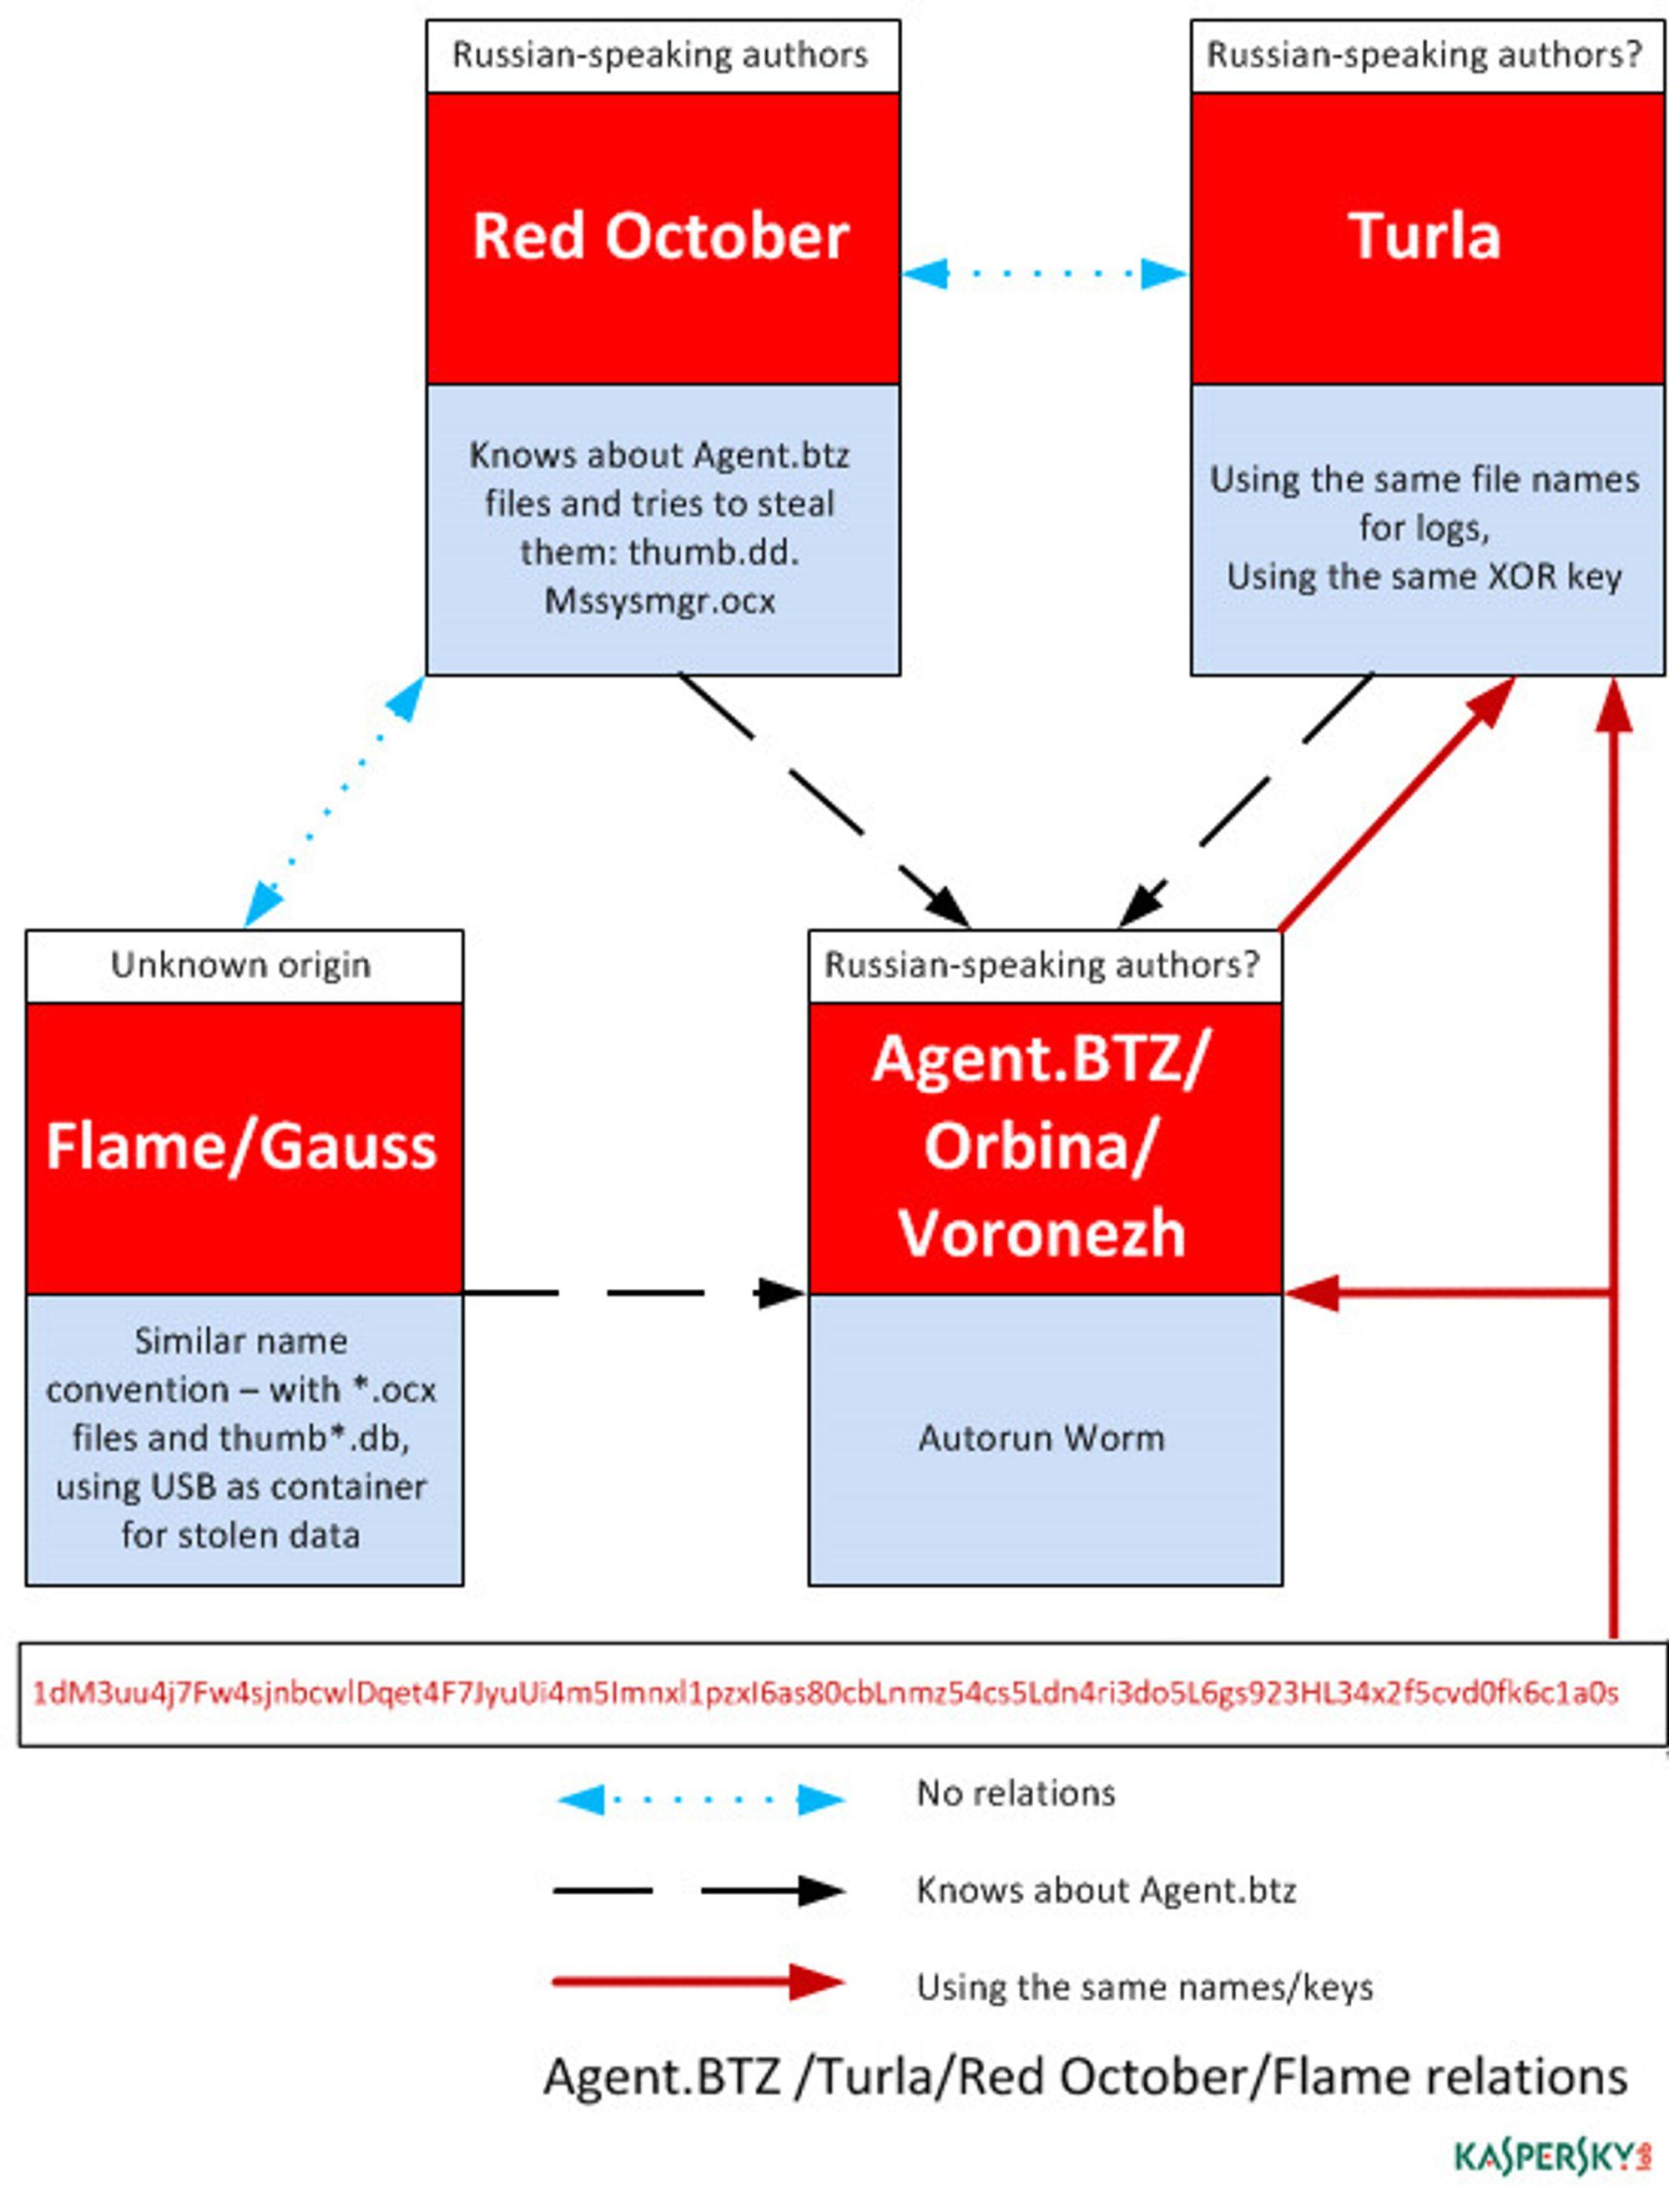 Agent.btz spiller en rolle for kyberspioner i både øst og vest.